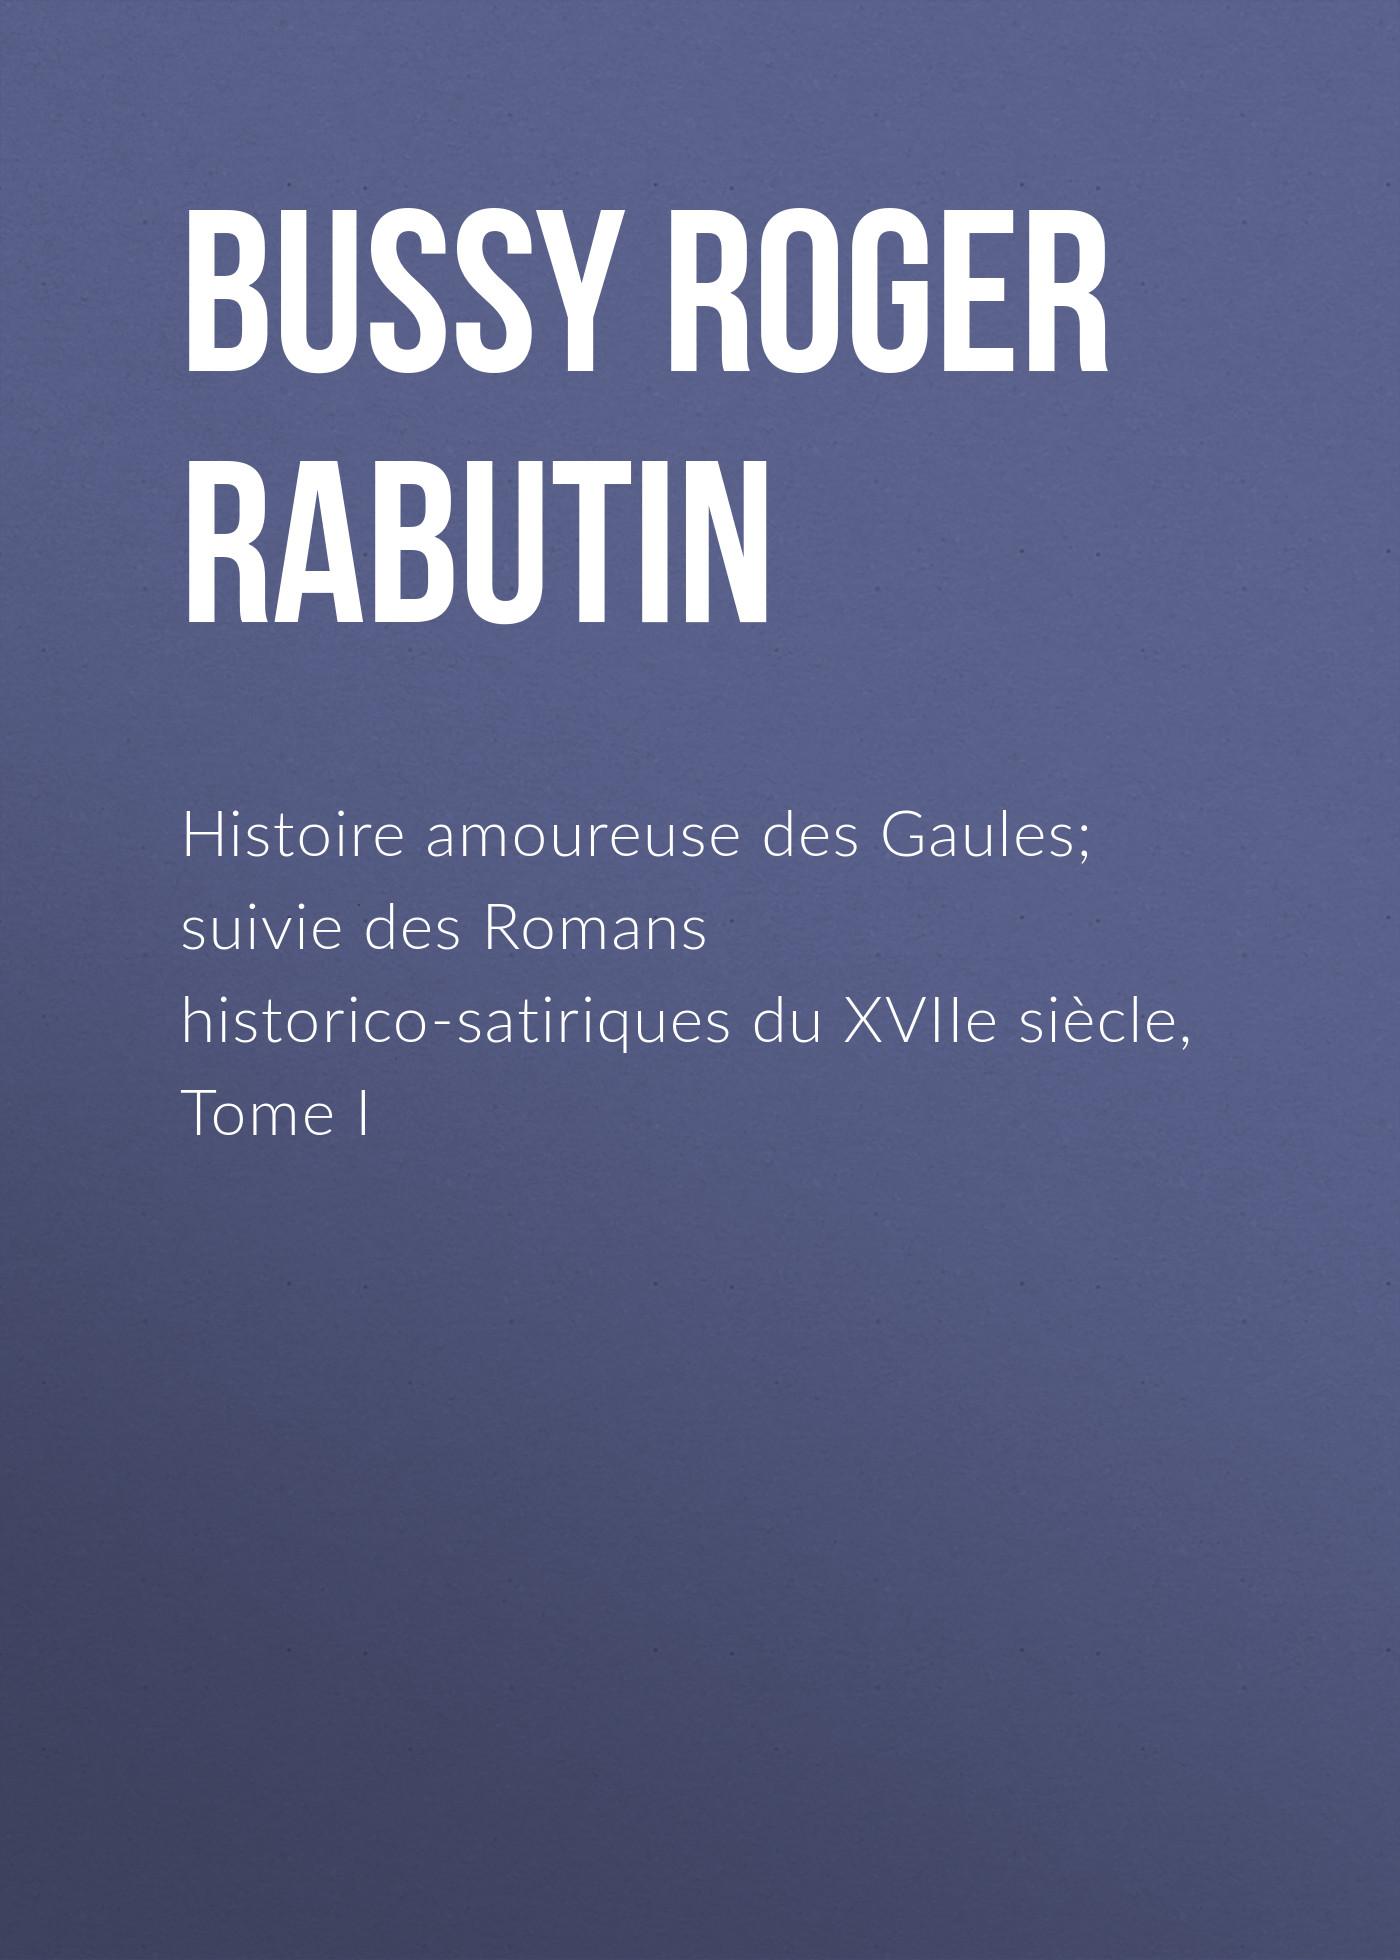 Bussy Roger de Rabutin Histoire amoureuse des Gaules; suivie des Romans historico-satiriques du XVIIe siècle, Tome I 2pcs lot 100 page 5 page 6